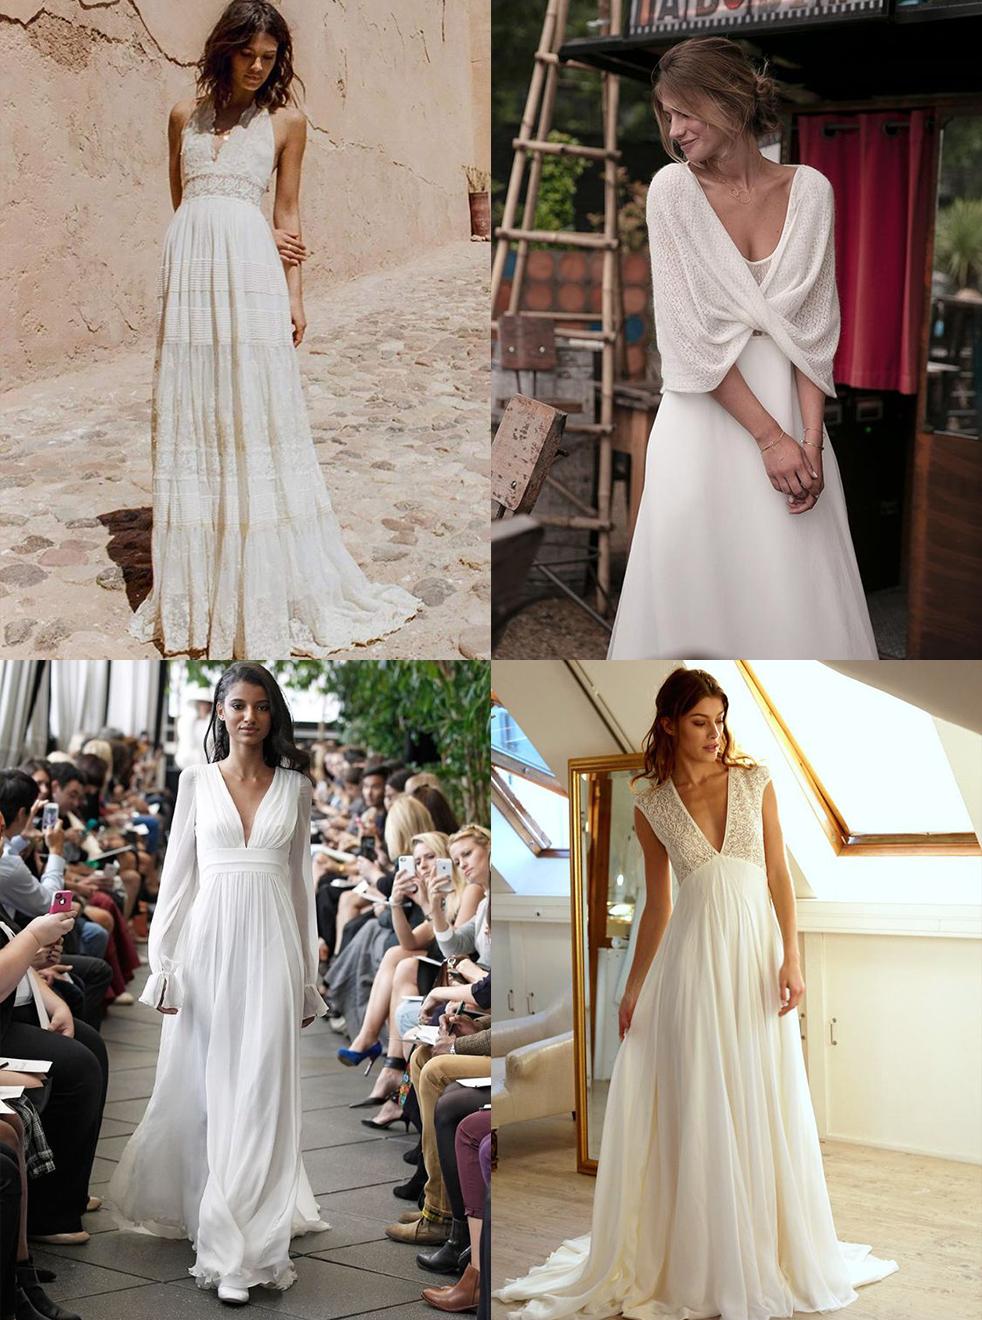 robes de mariée inspiration mariage bohème